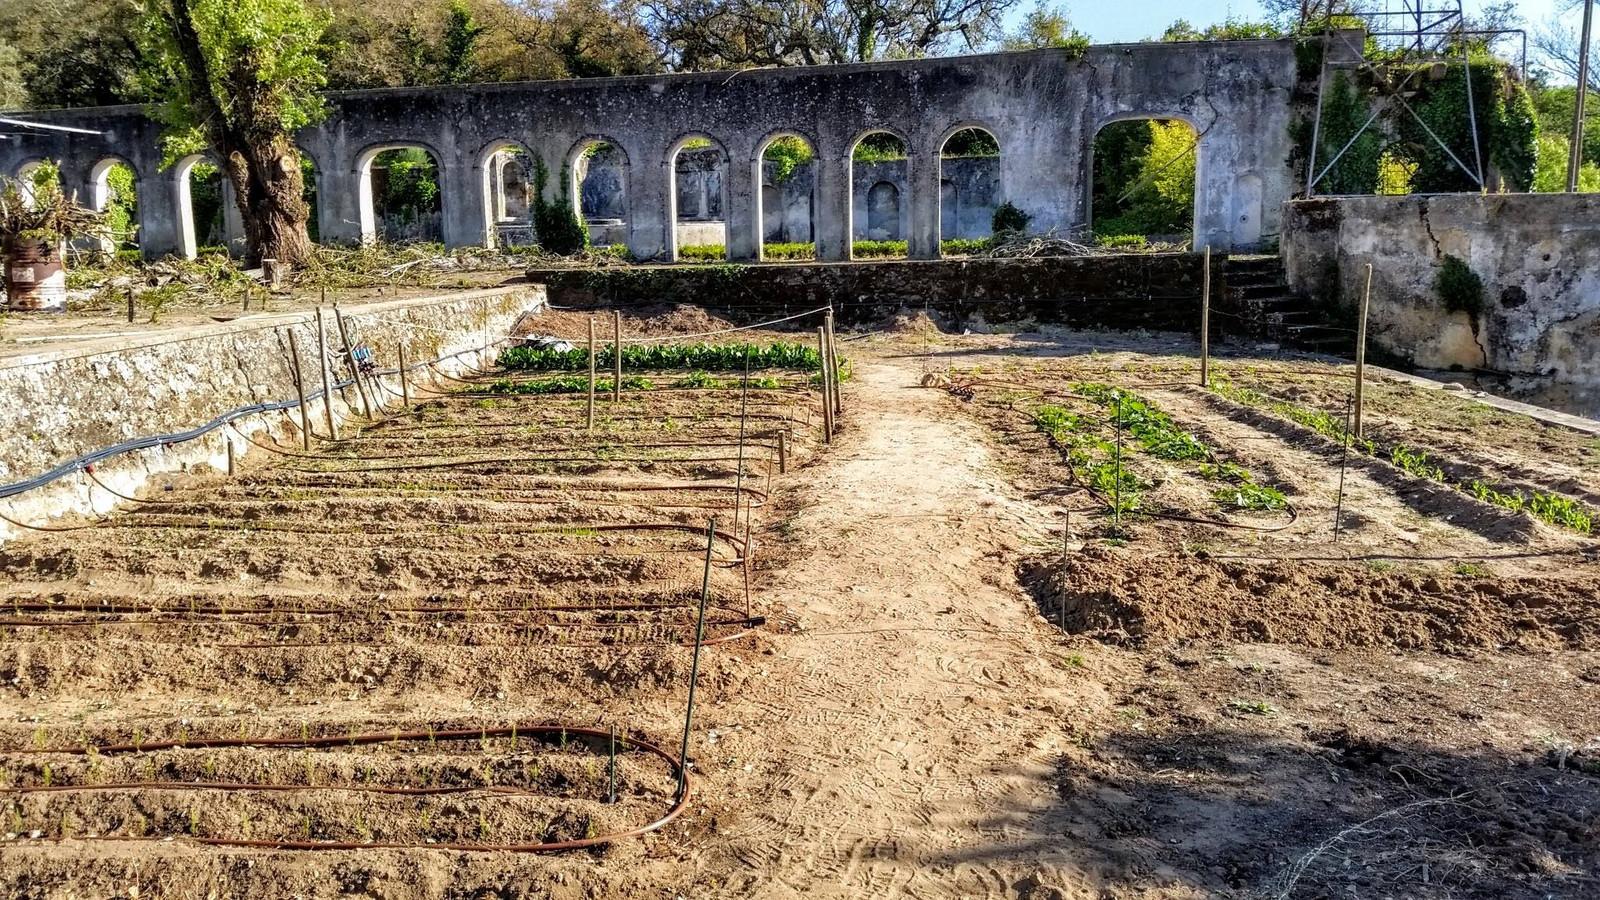 C7 Conheça A Quinta De 'Quem Quer Namorar Com O Agricultor?'